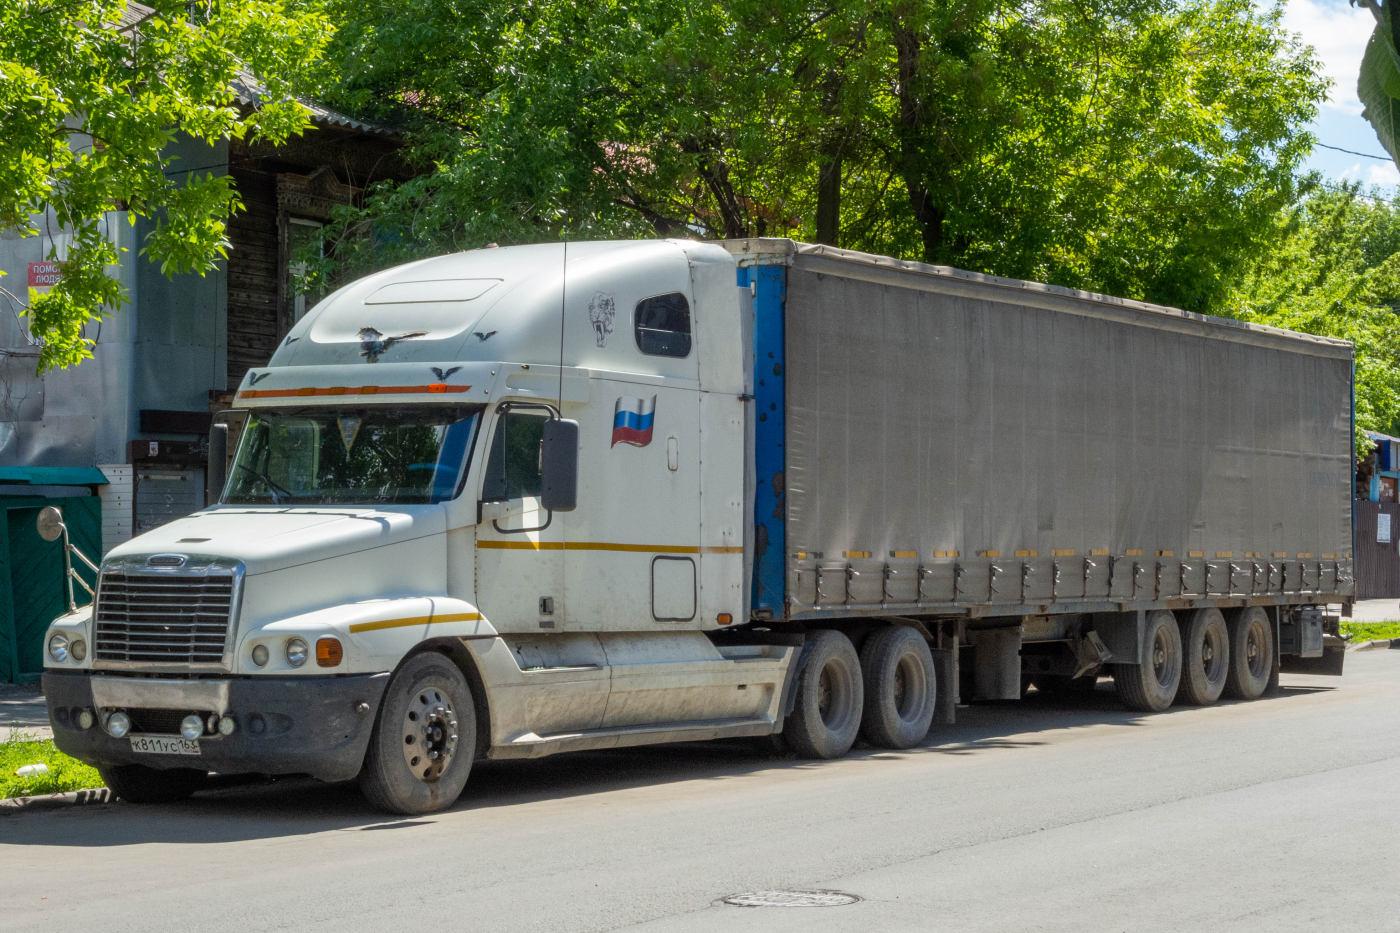 седельный тягач Freightliner #K811EC163. г. Самара, ул. Ярмарочная